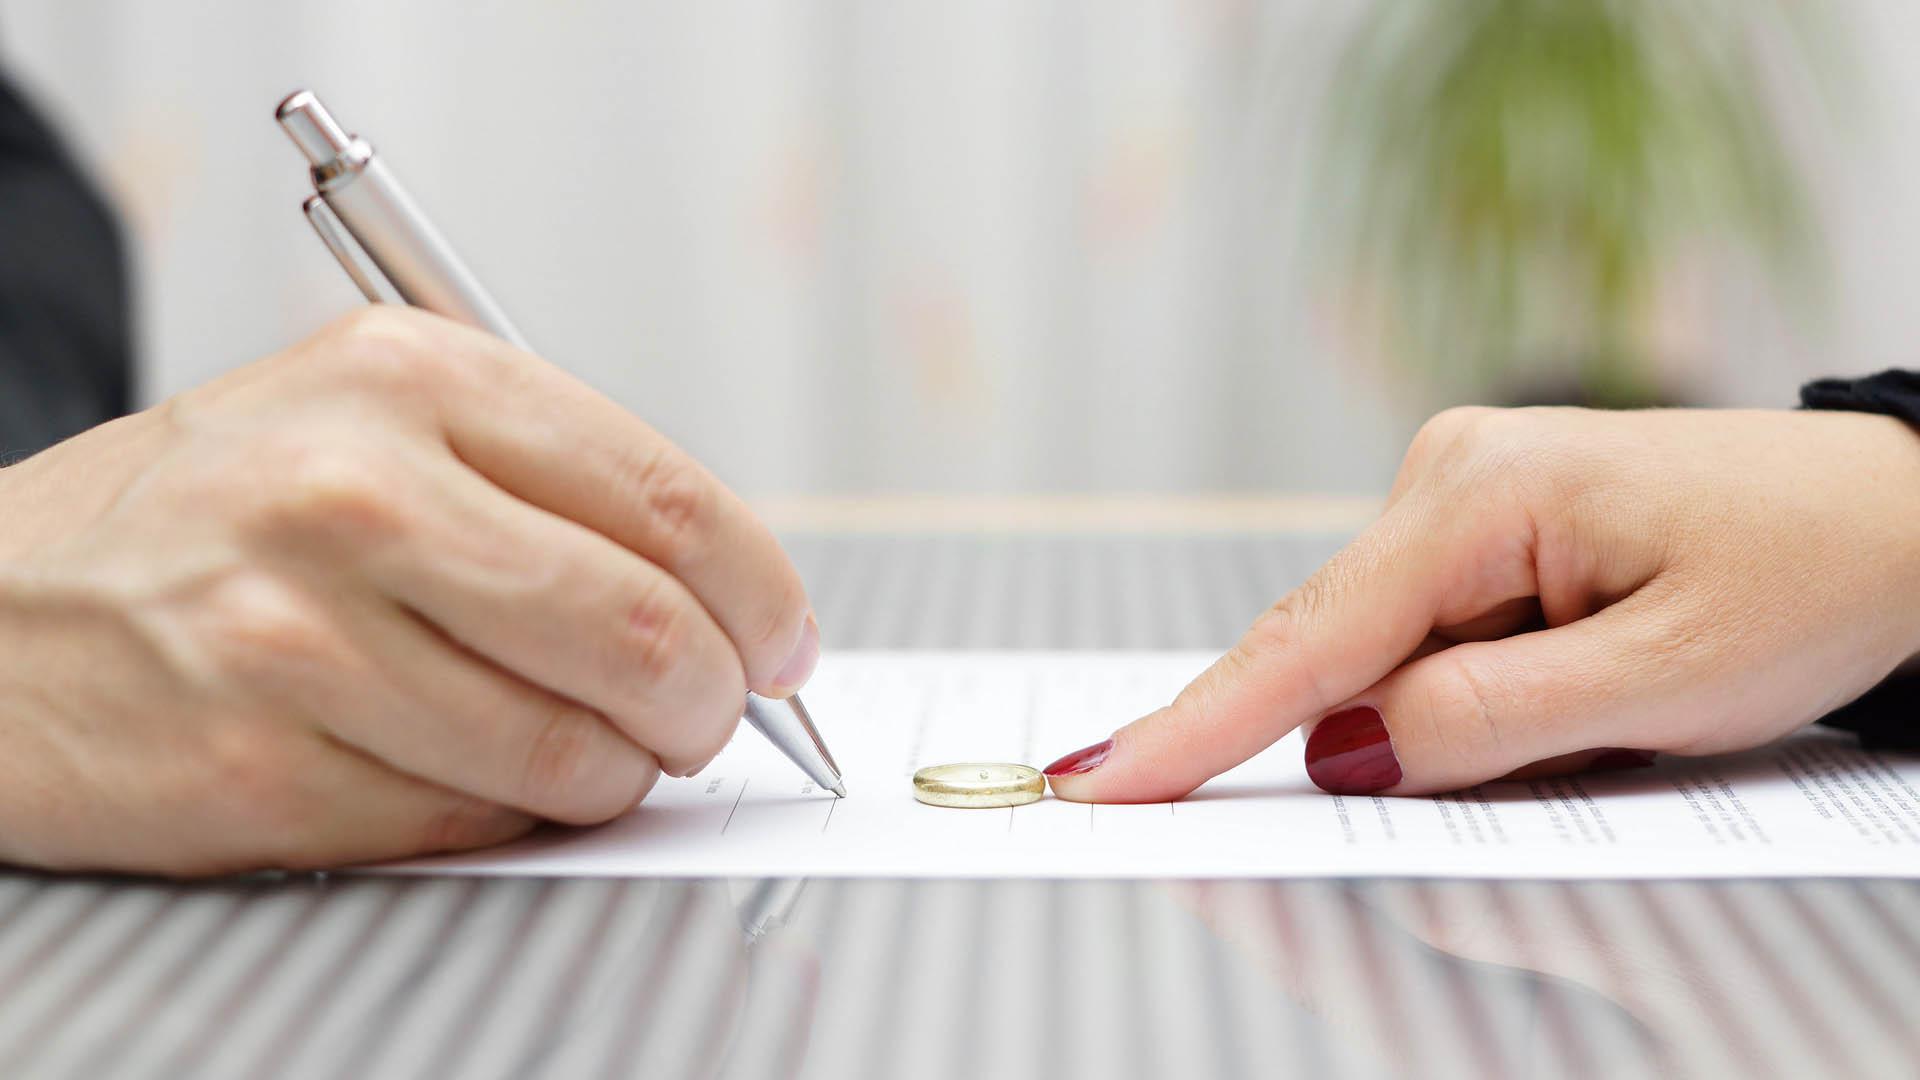 La Generalidad de Cataluña también estableció que las separaciones puedan realizarse ante un notario